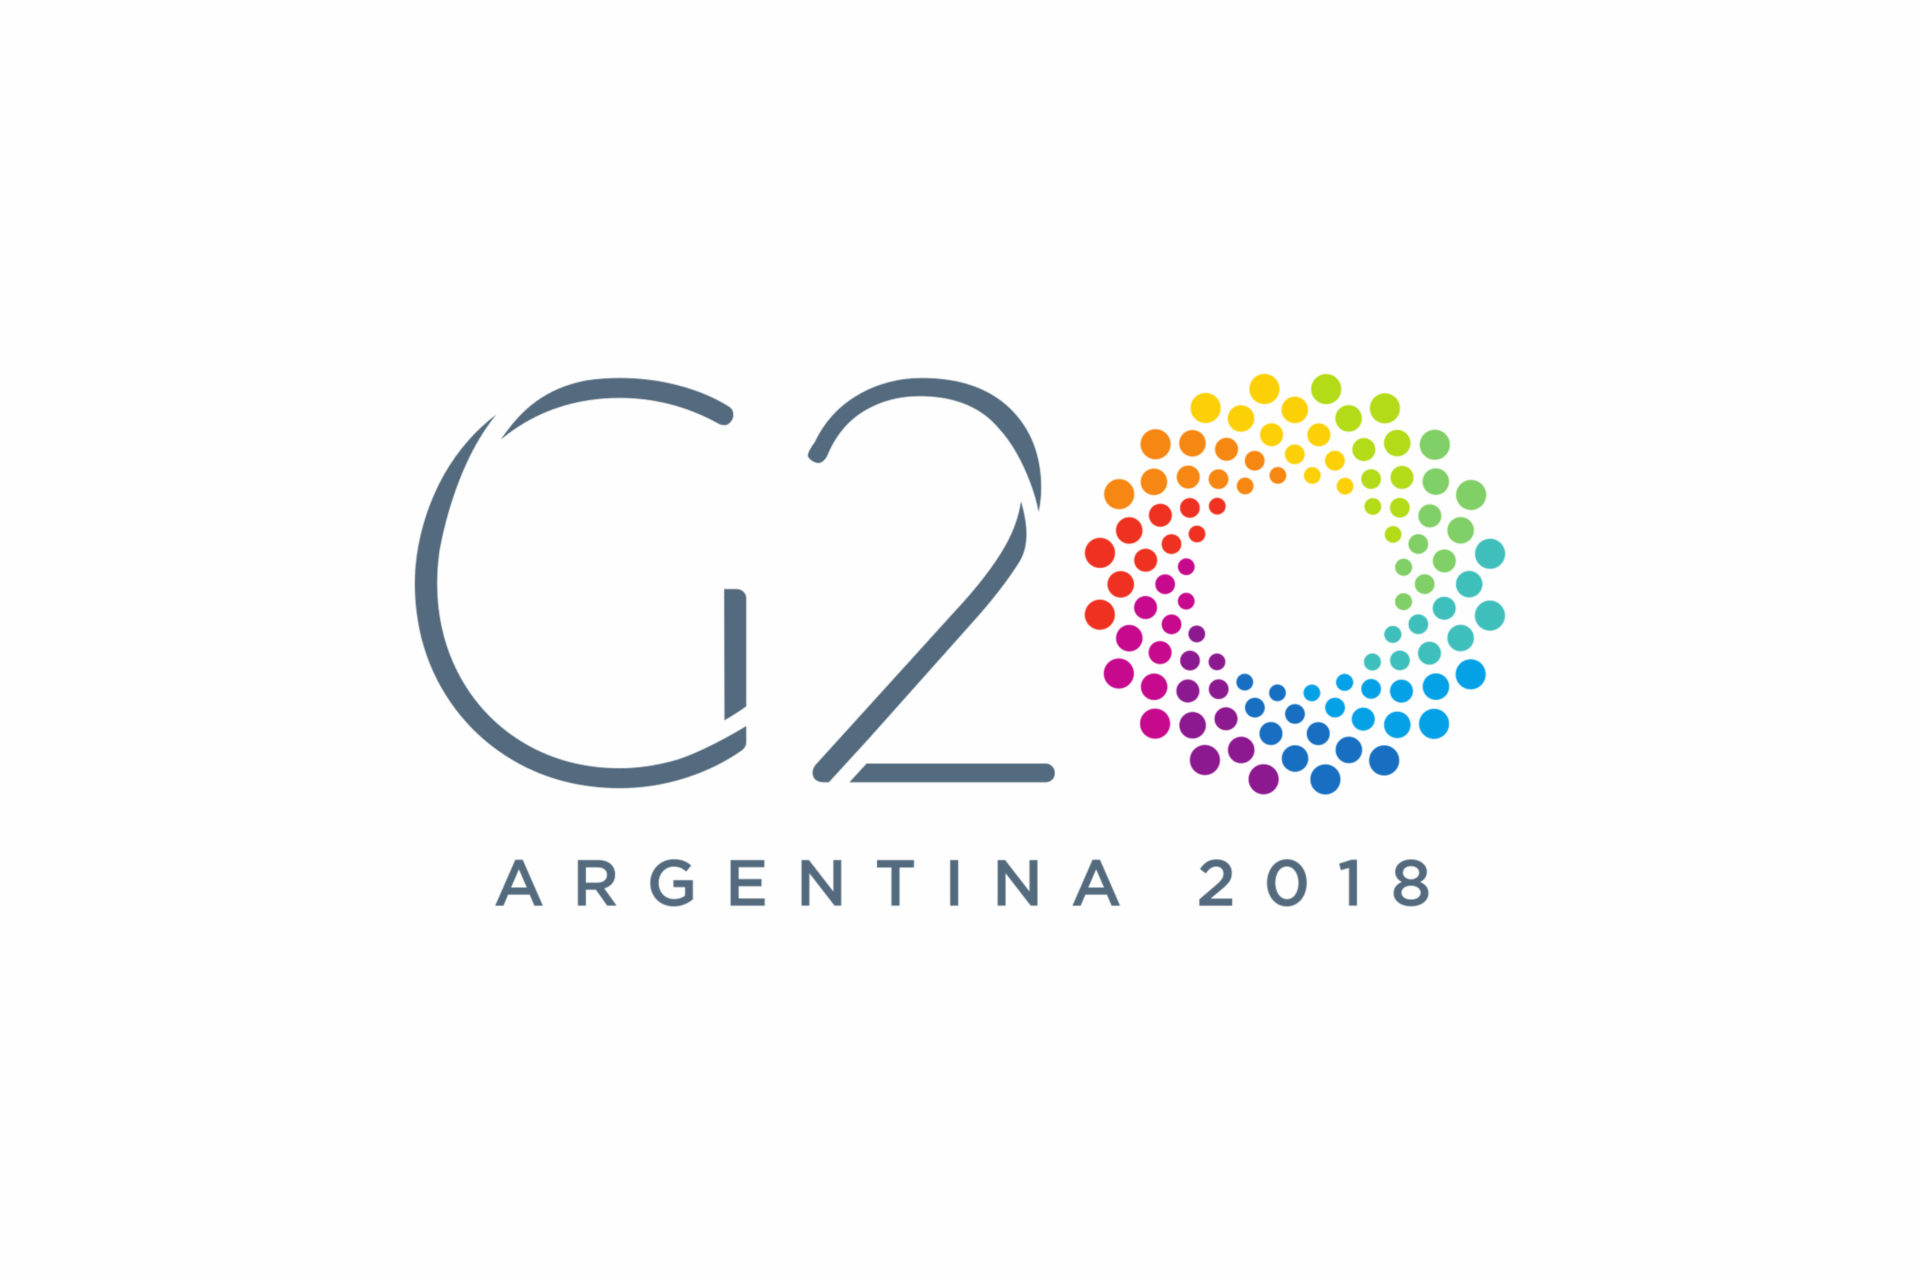 ADEBA, después de haber trabajado en el comuniqué  del B20, saluda a los líderes del G20